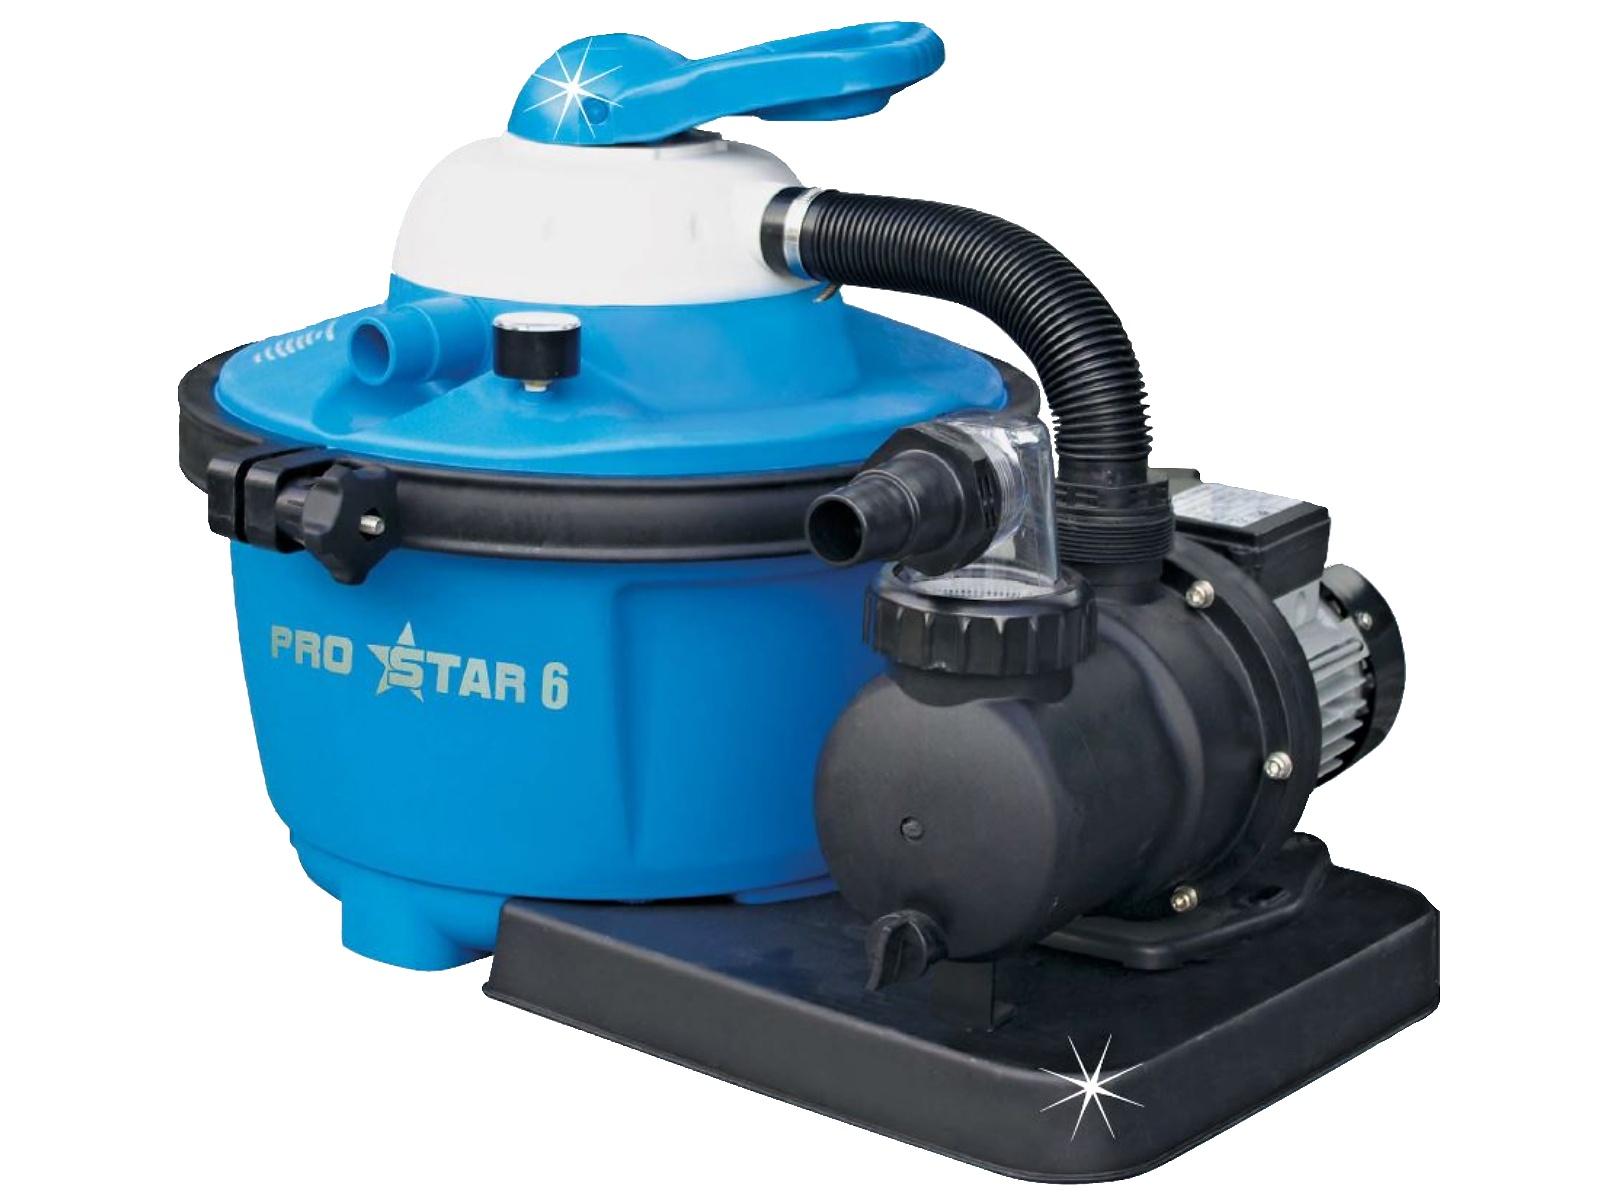 MARIMEX 10600015 ProStar 6 Filtrace písková